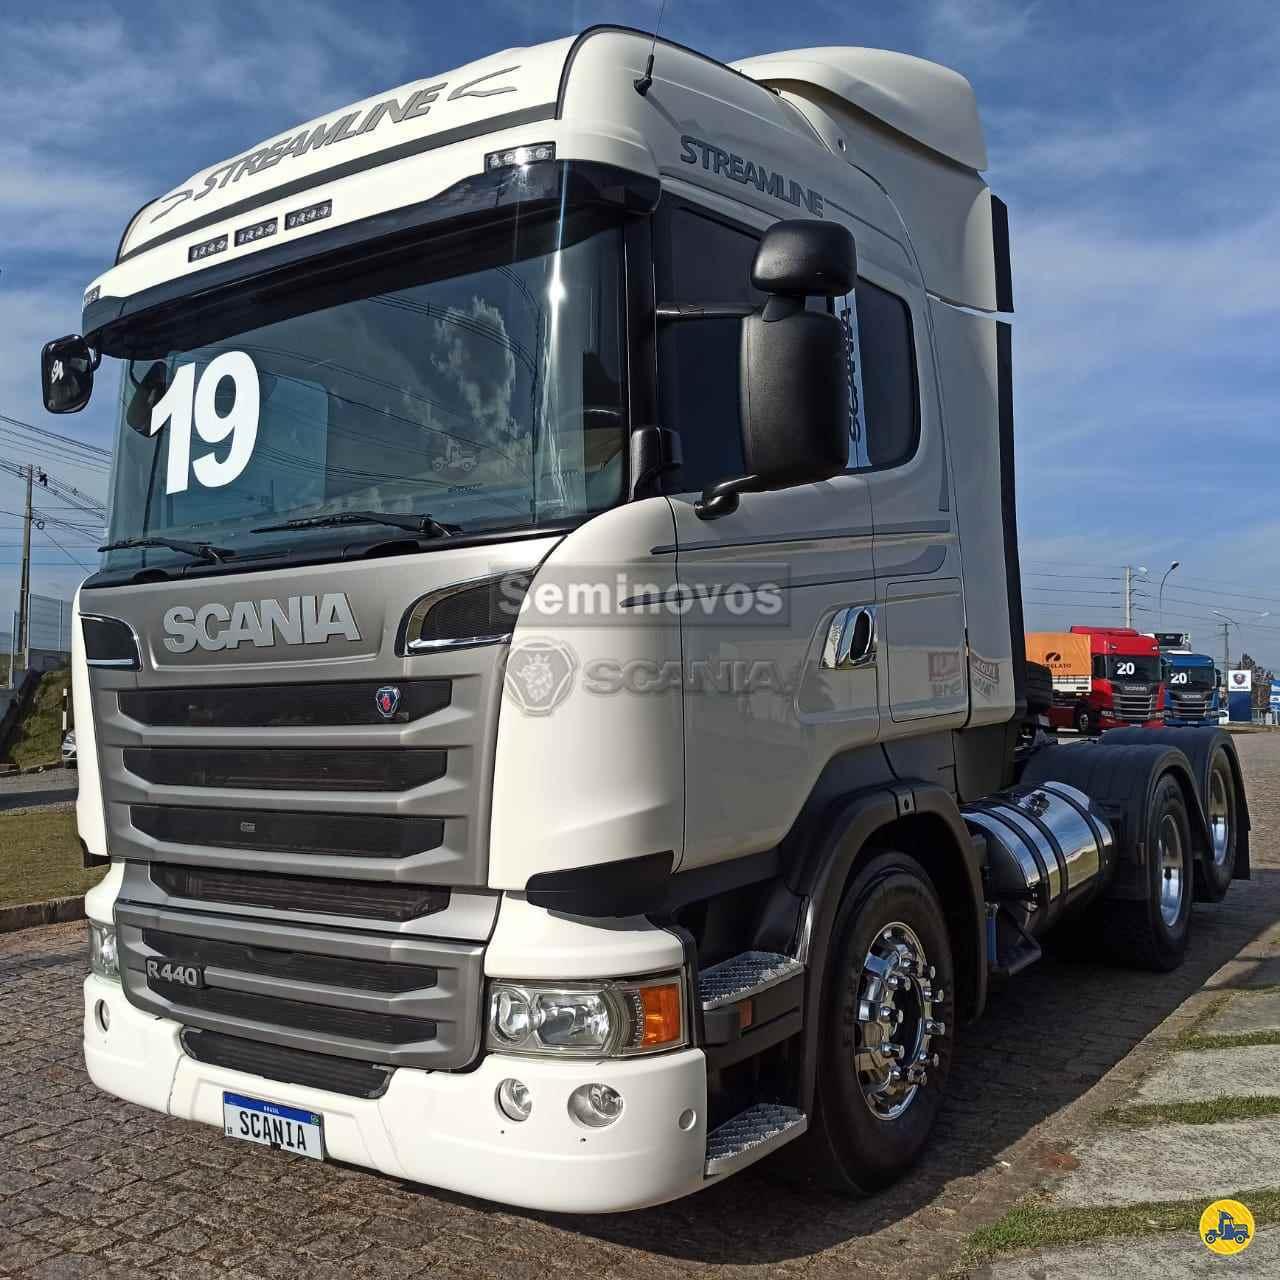 CAMINHAO SCANIA SCANIA 440 Cavalo Mecânico Truck 6x2 Scania Seminovos SAO JOSE DOS PINHAIS PARANÁ PR